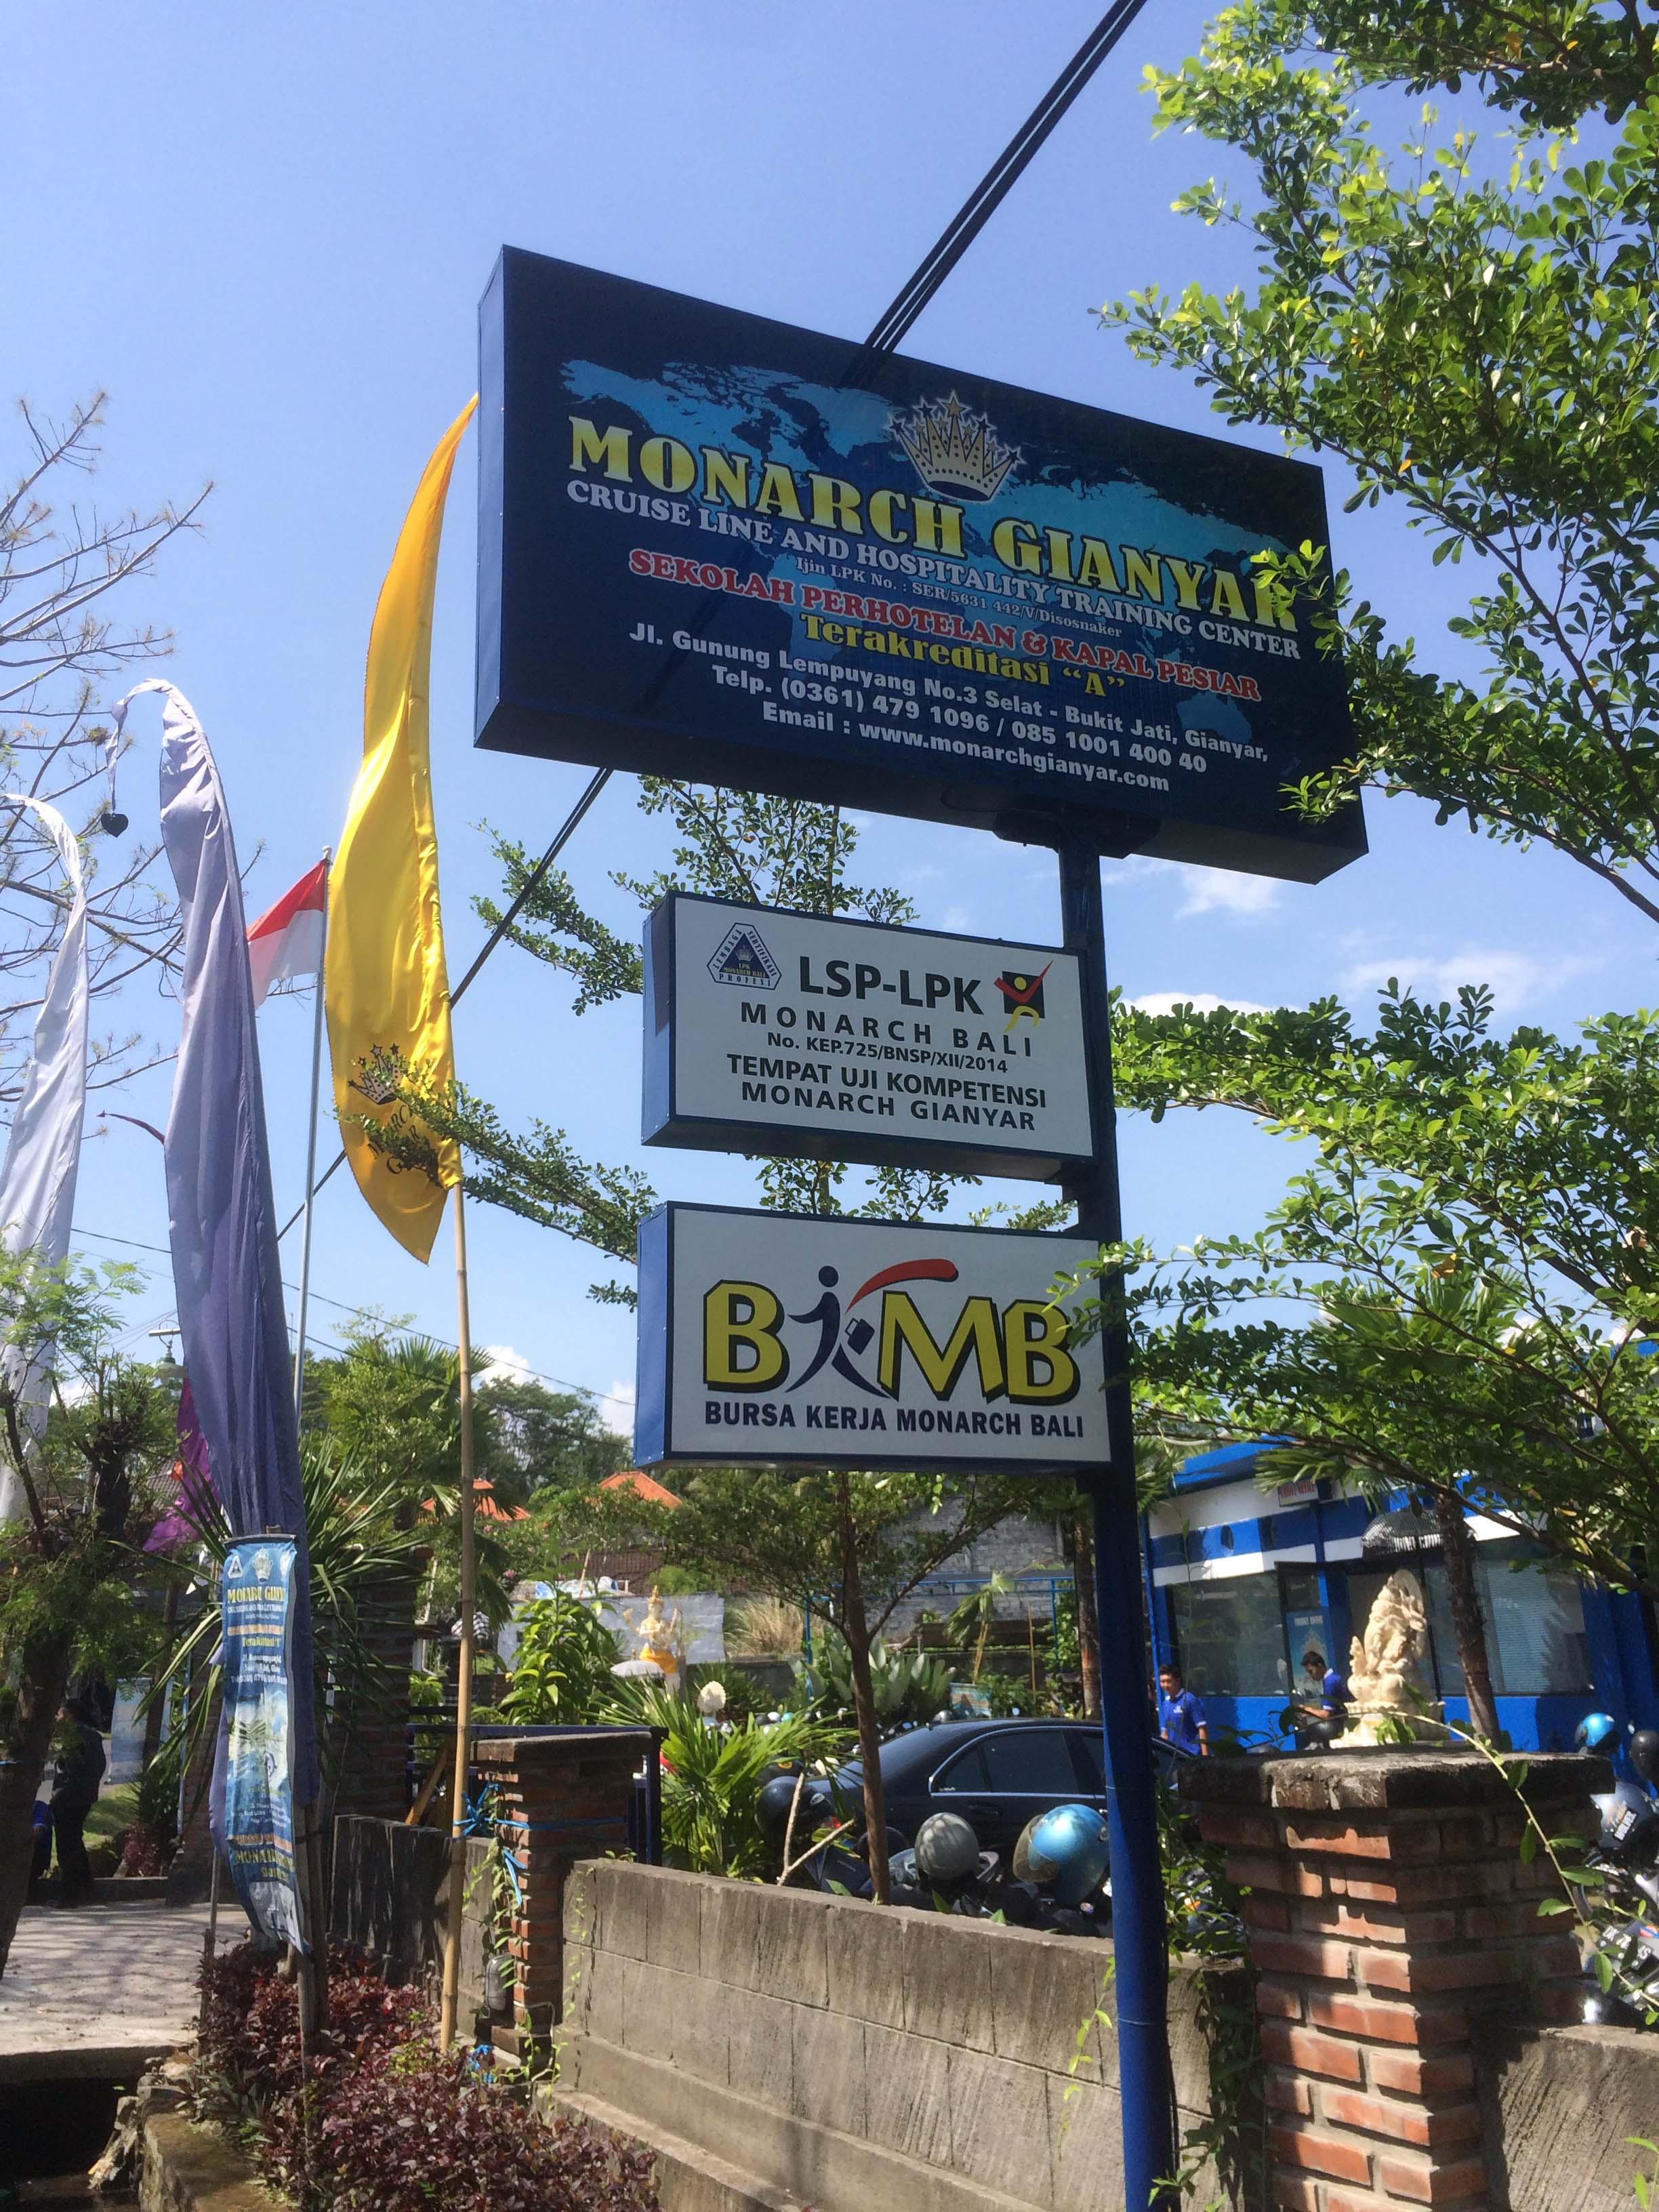 Sekolah Kita Slideshow Maker Taman Nusa Gianyar Bali Kab